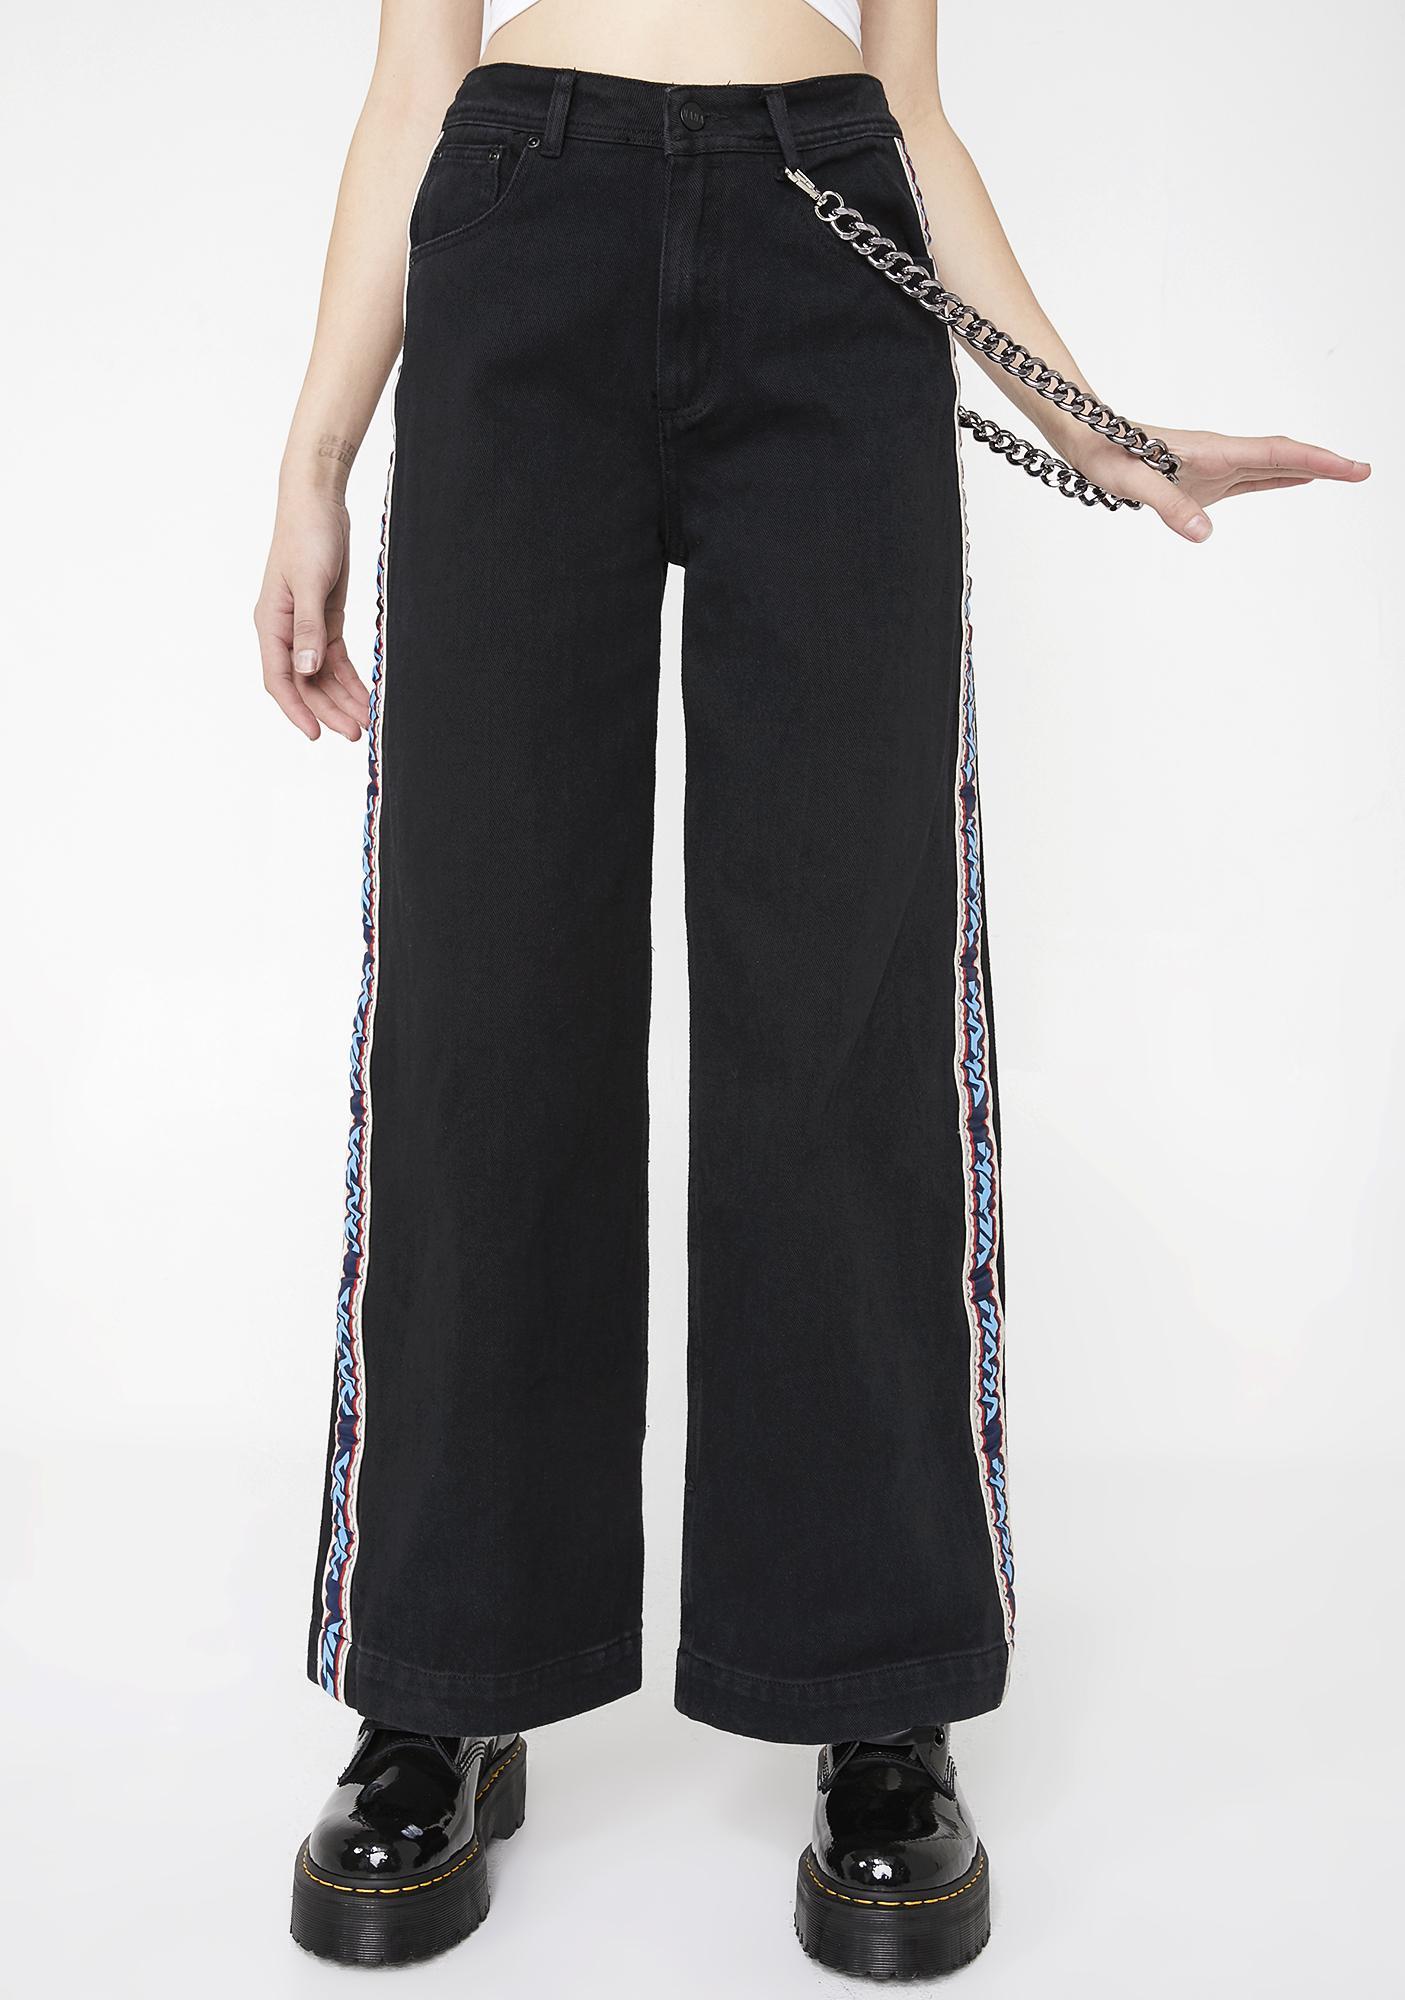 Nana Judy Chain Oversized Trousers